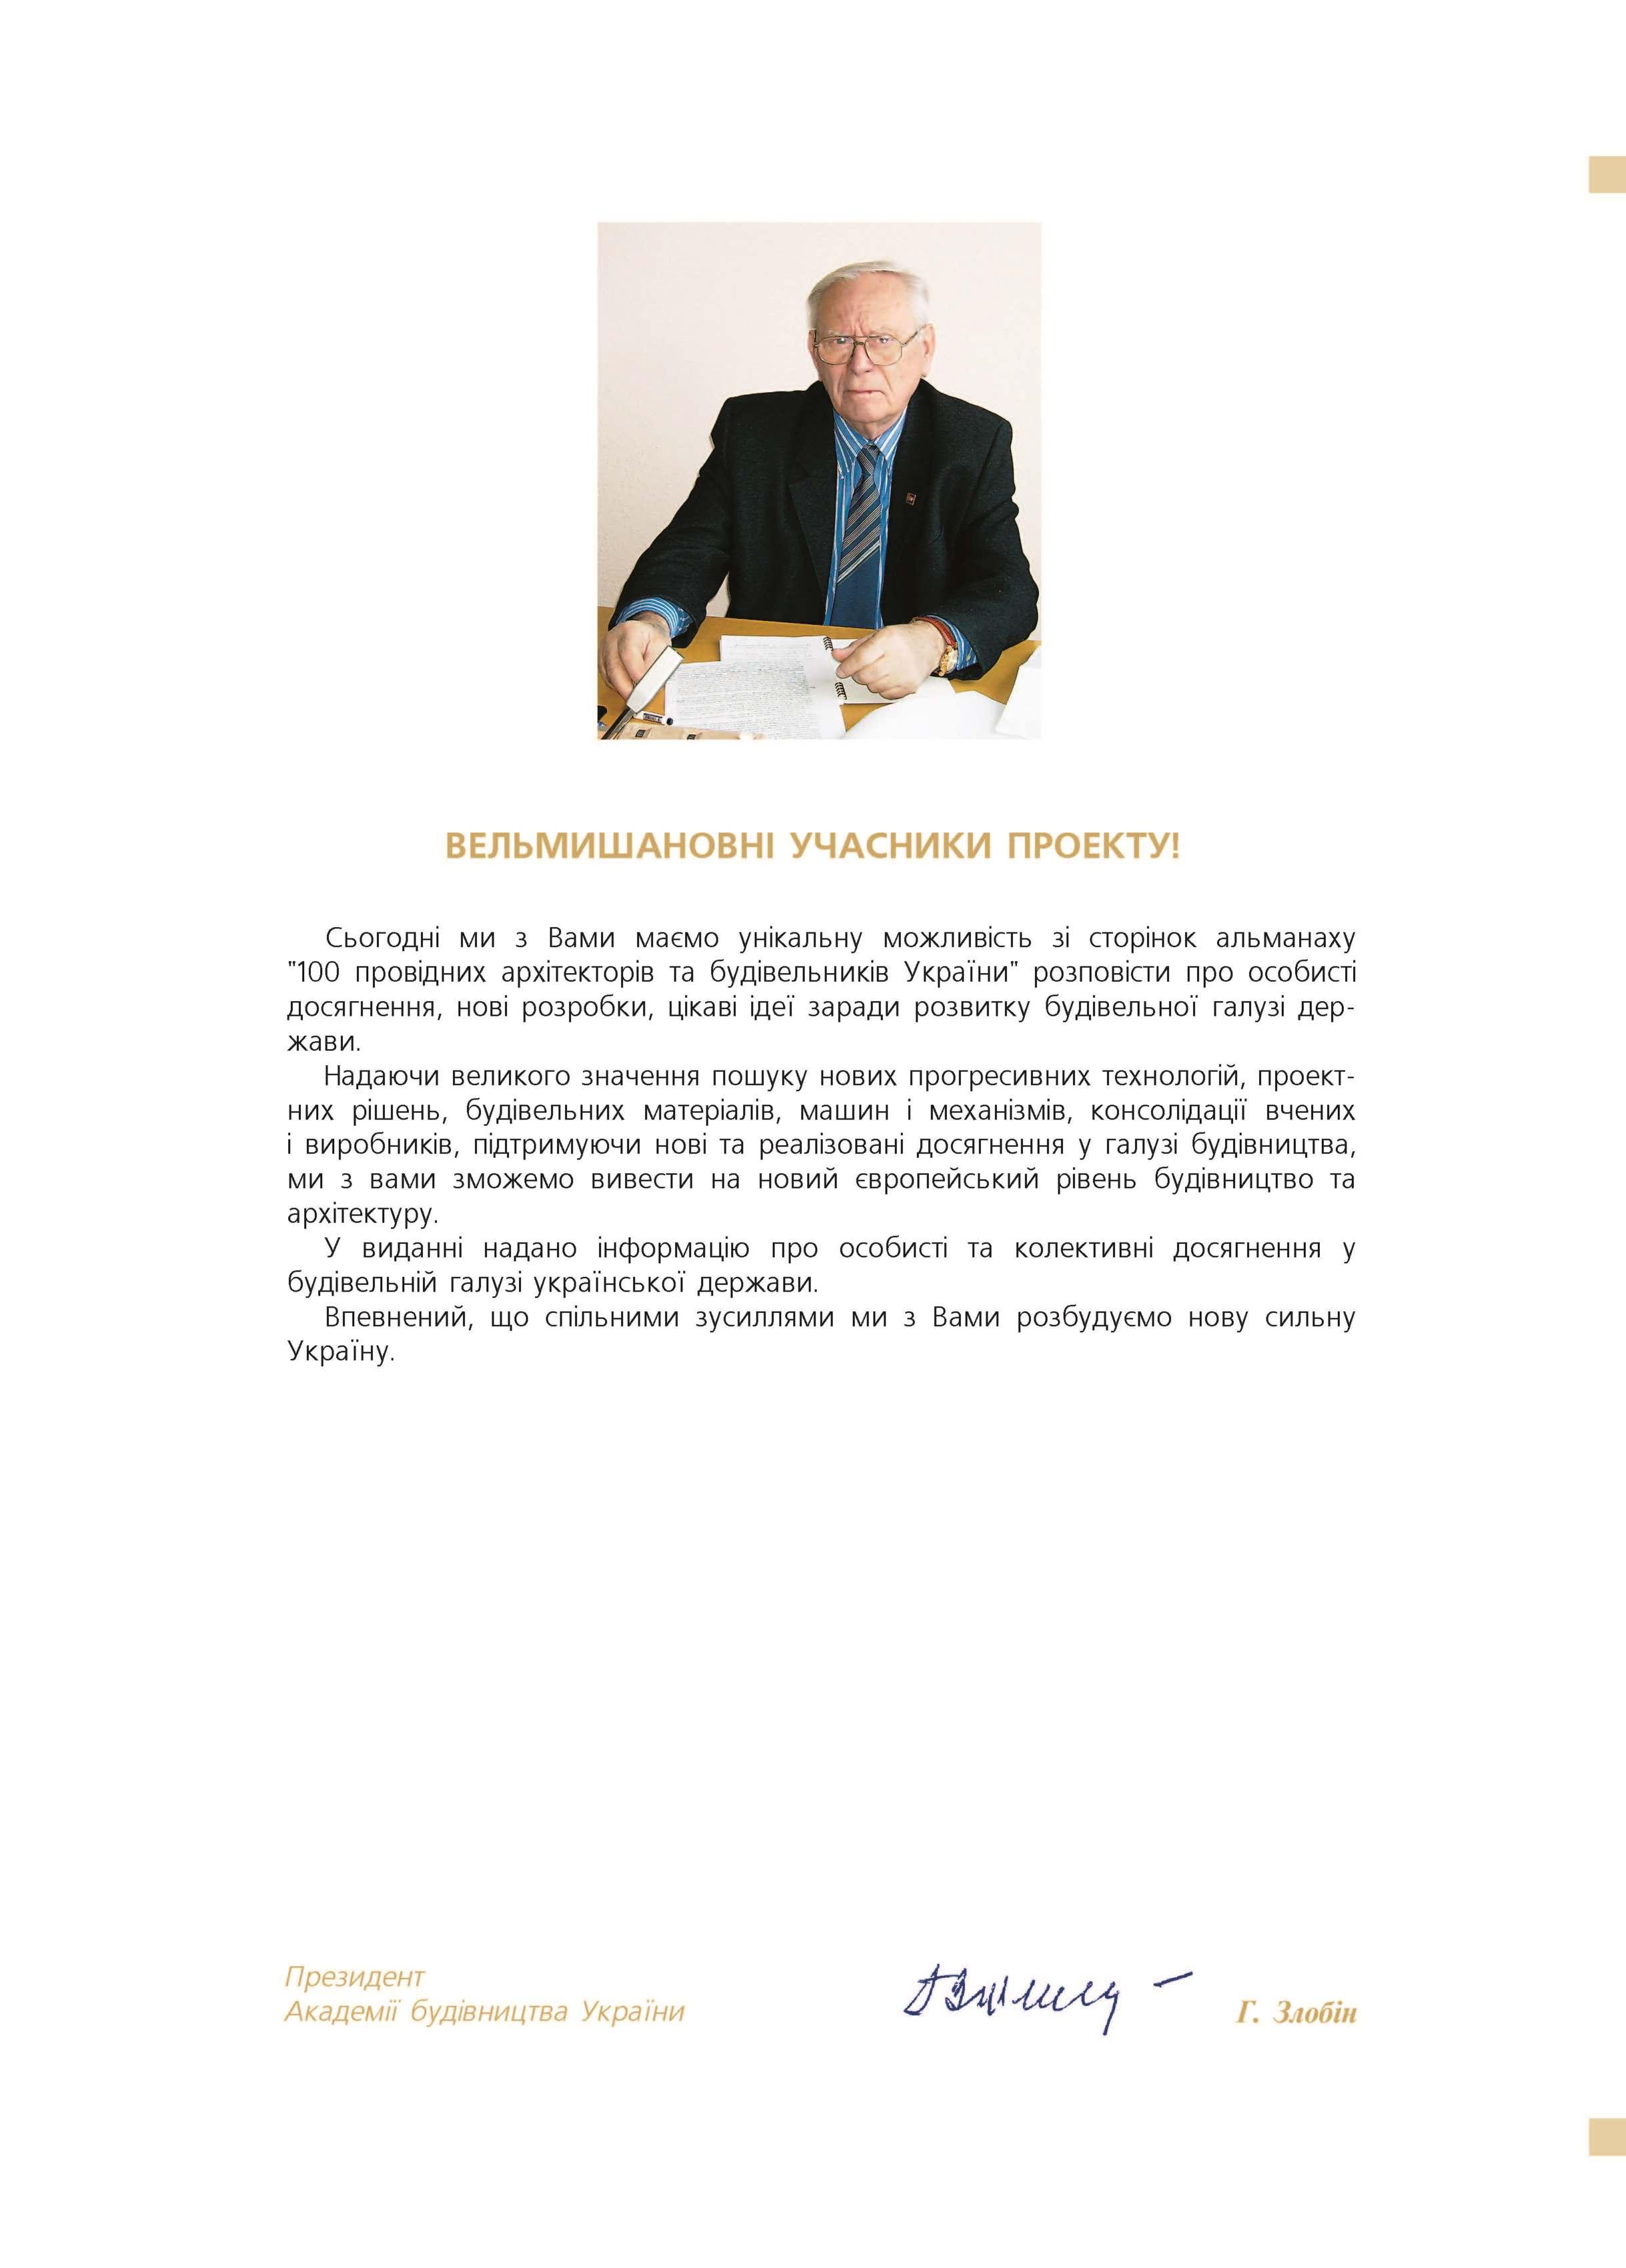 Привітання Президента Академії будівництва України Г.Злобіна